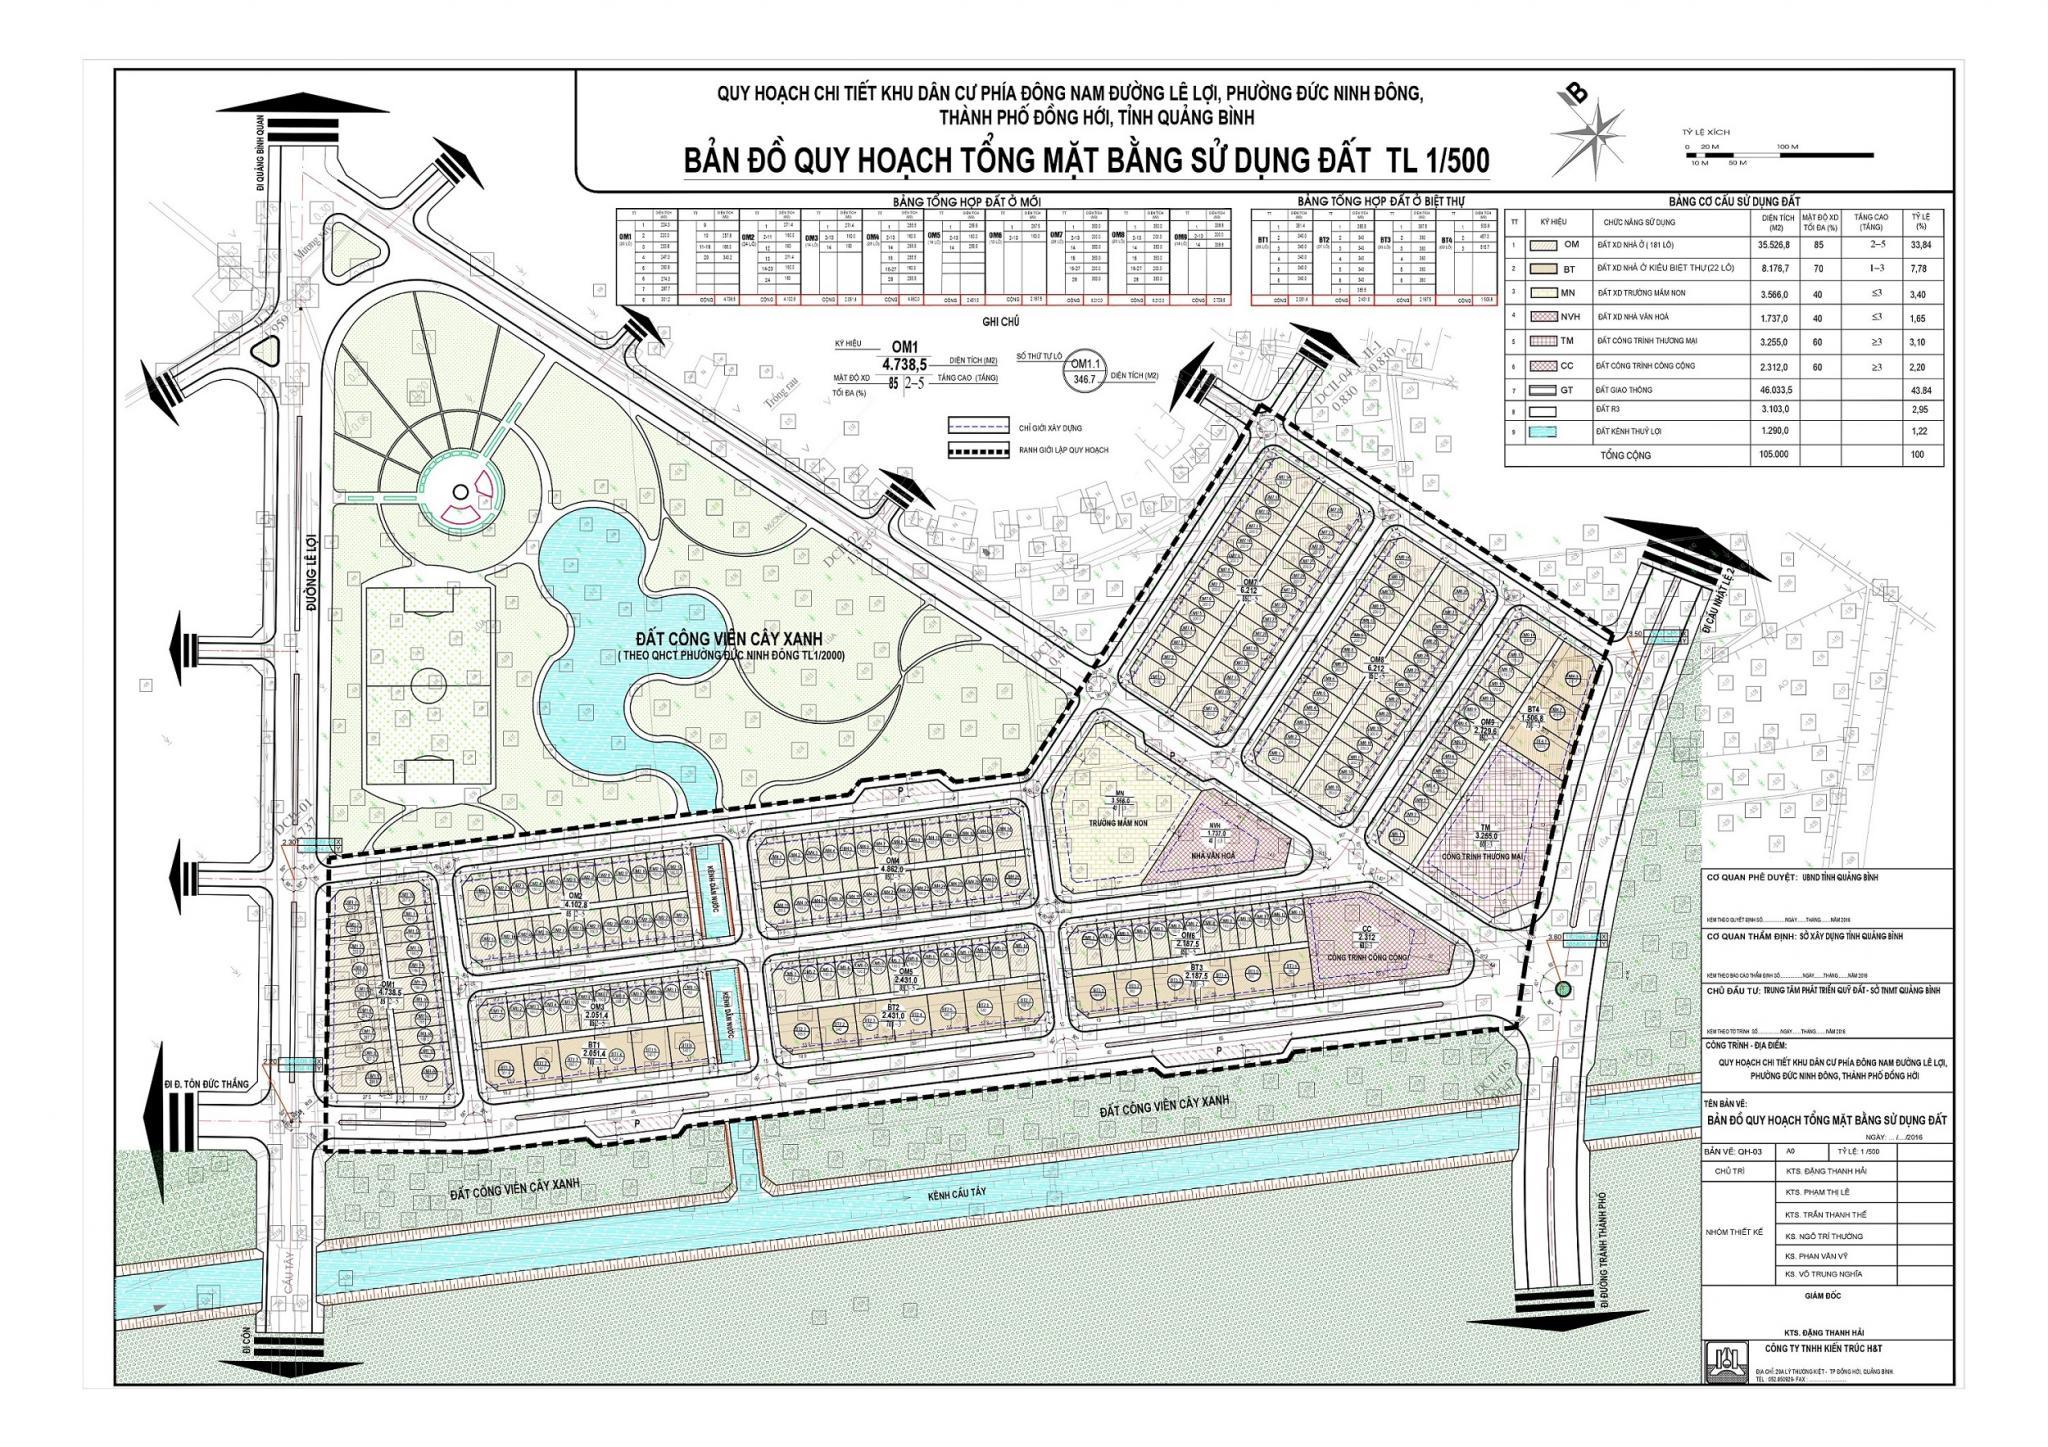 Thông báo đấu giá 3 thửa đất ở thuộc Dự án Khu dân cư phía Đông Nam đường Lê Lợi, phường Đức Ninh Đông, Đồng Hới